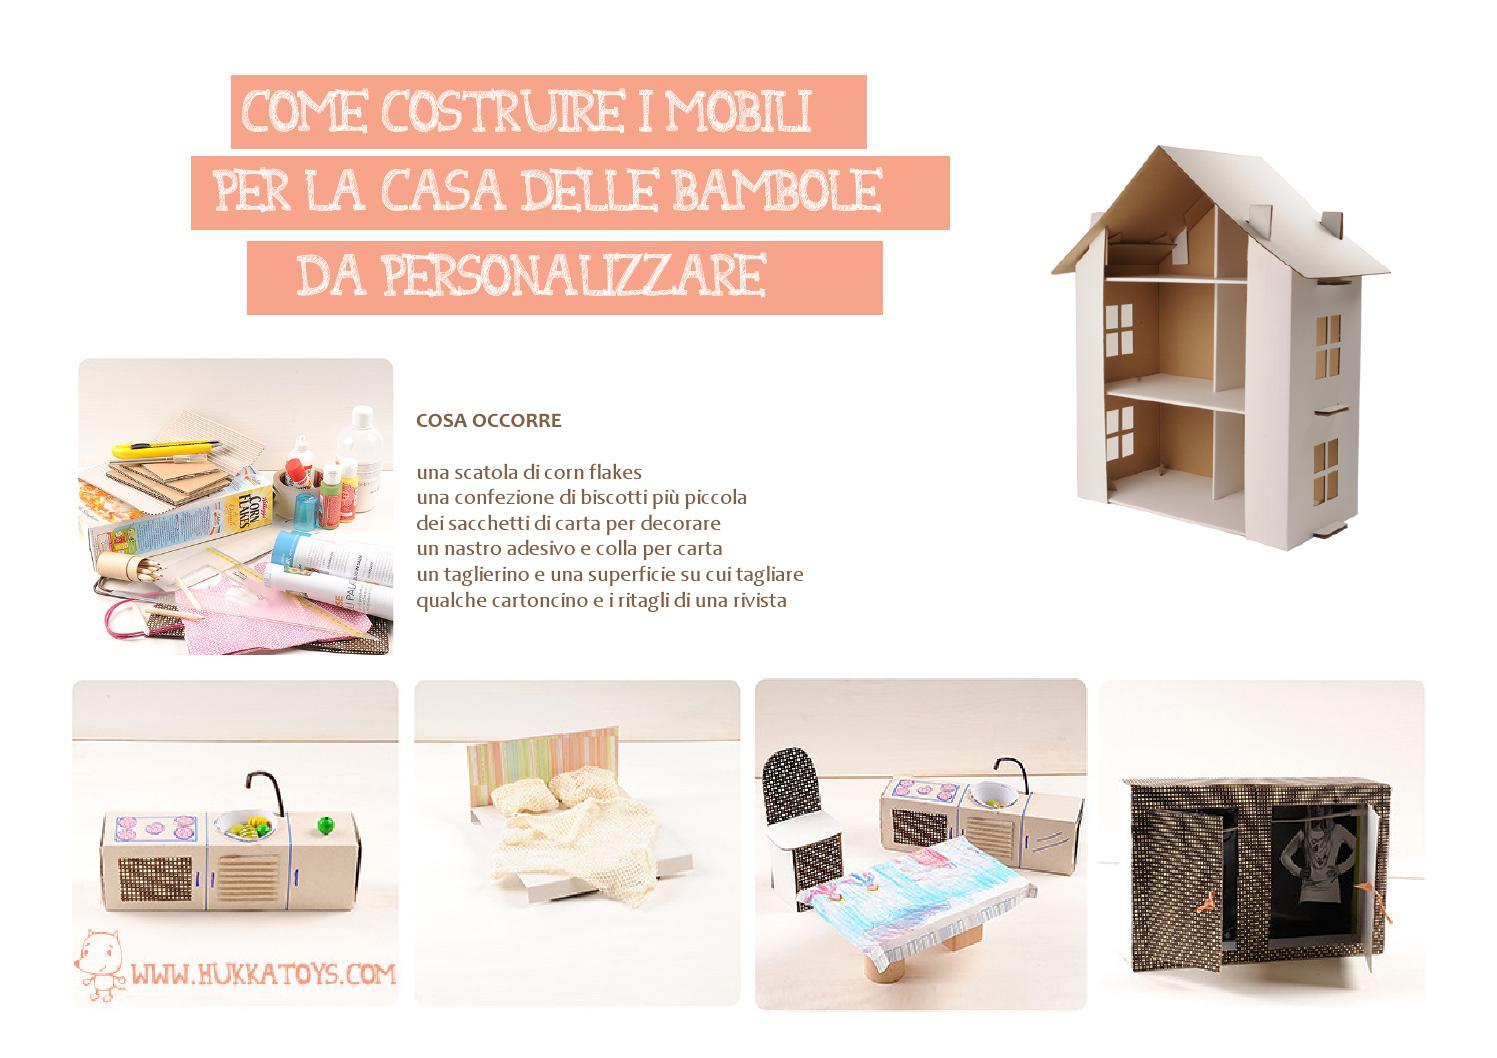 Come costruire mobili in cartone per casa delle bambole tutorial by hukkatoys issuu - Casa di cartone ...